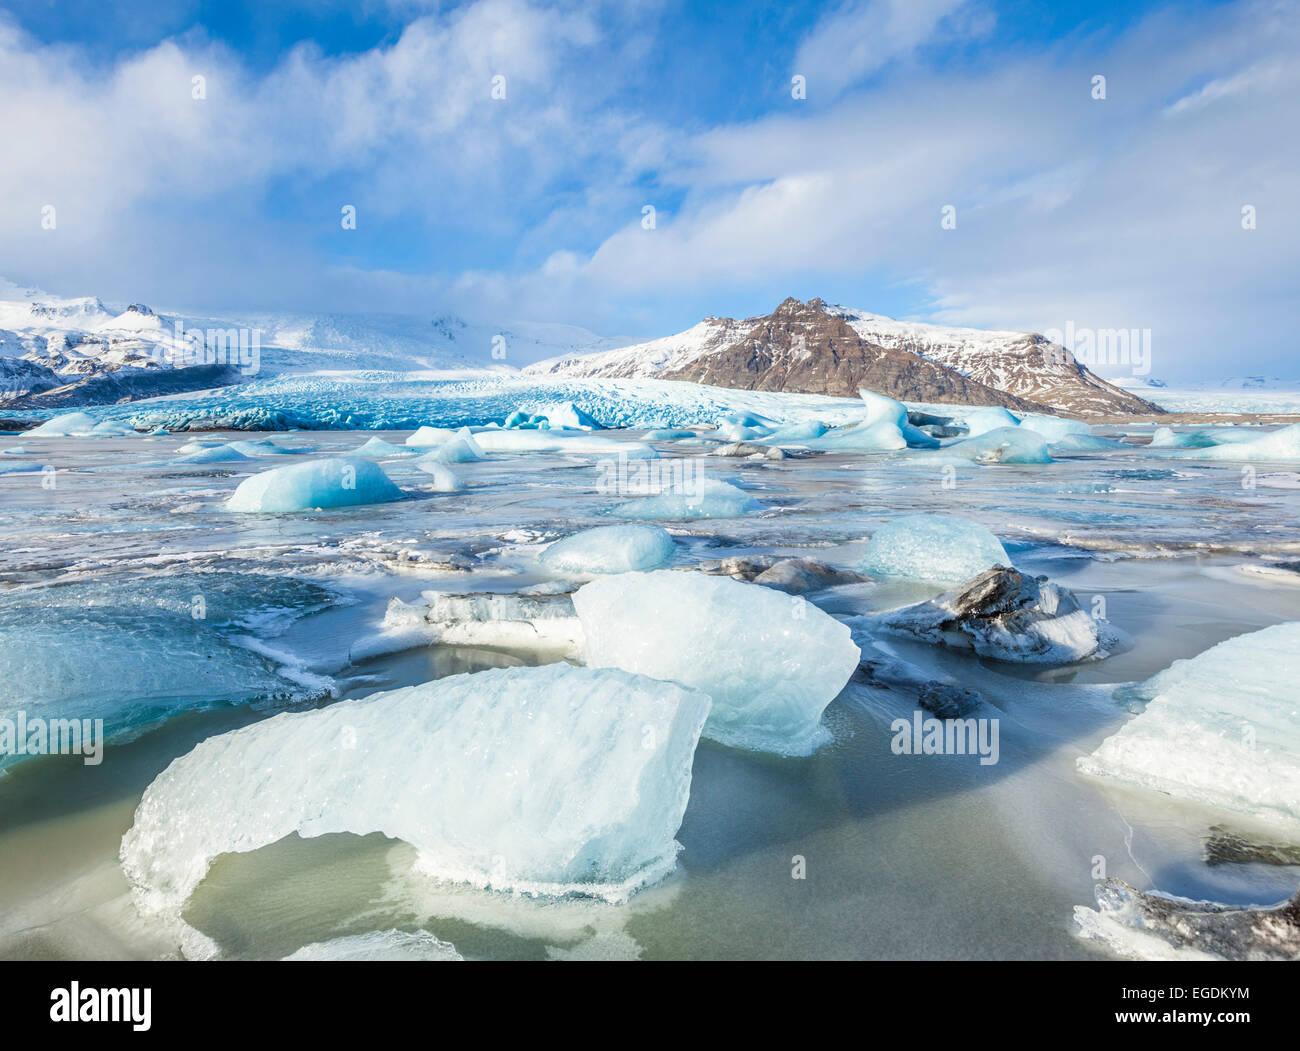 Frozen Fjallsarlon iceberg lagoon in winter Iceland Europe - Stock Image